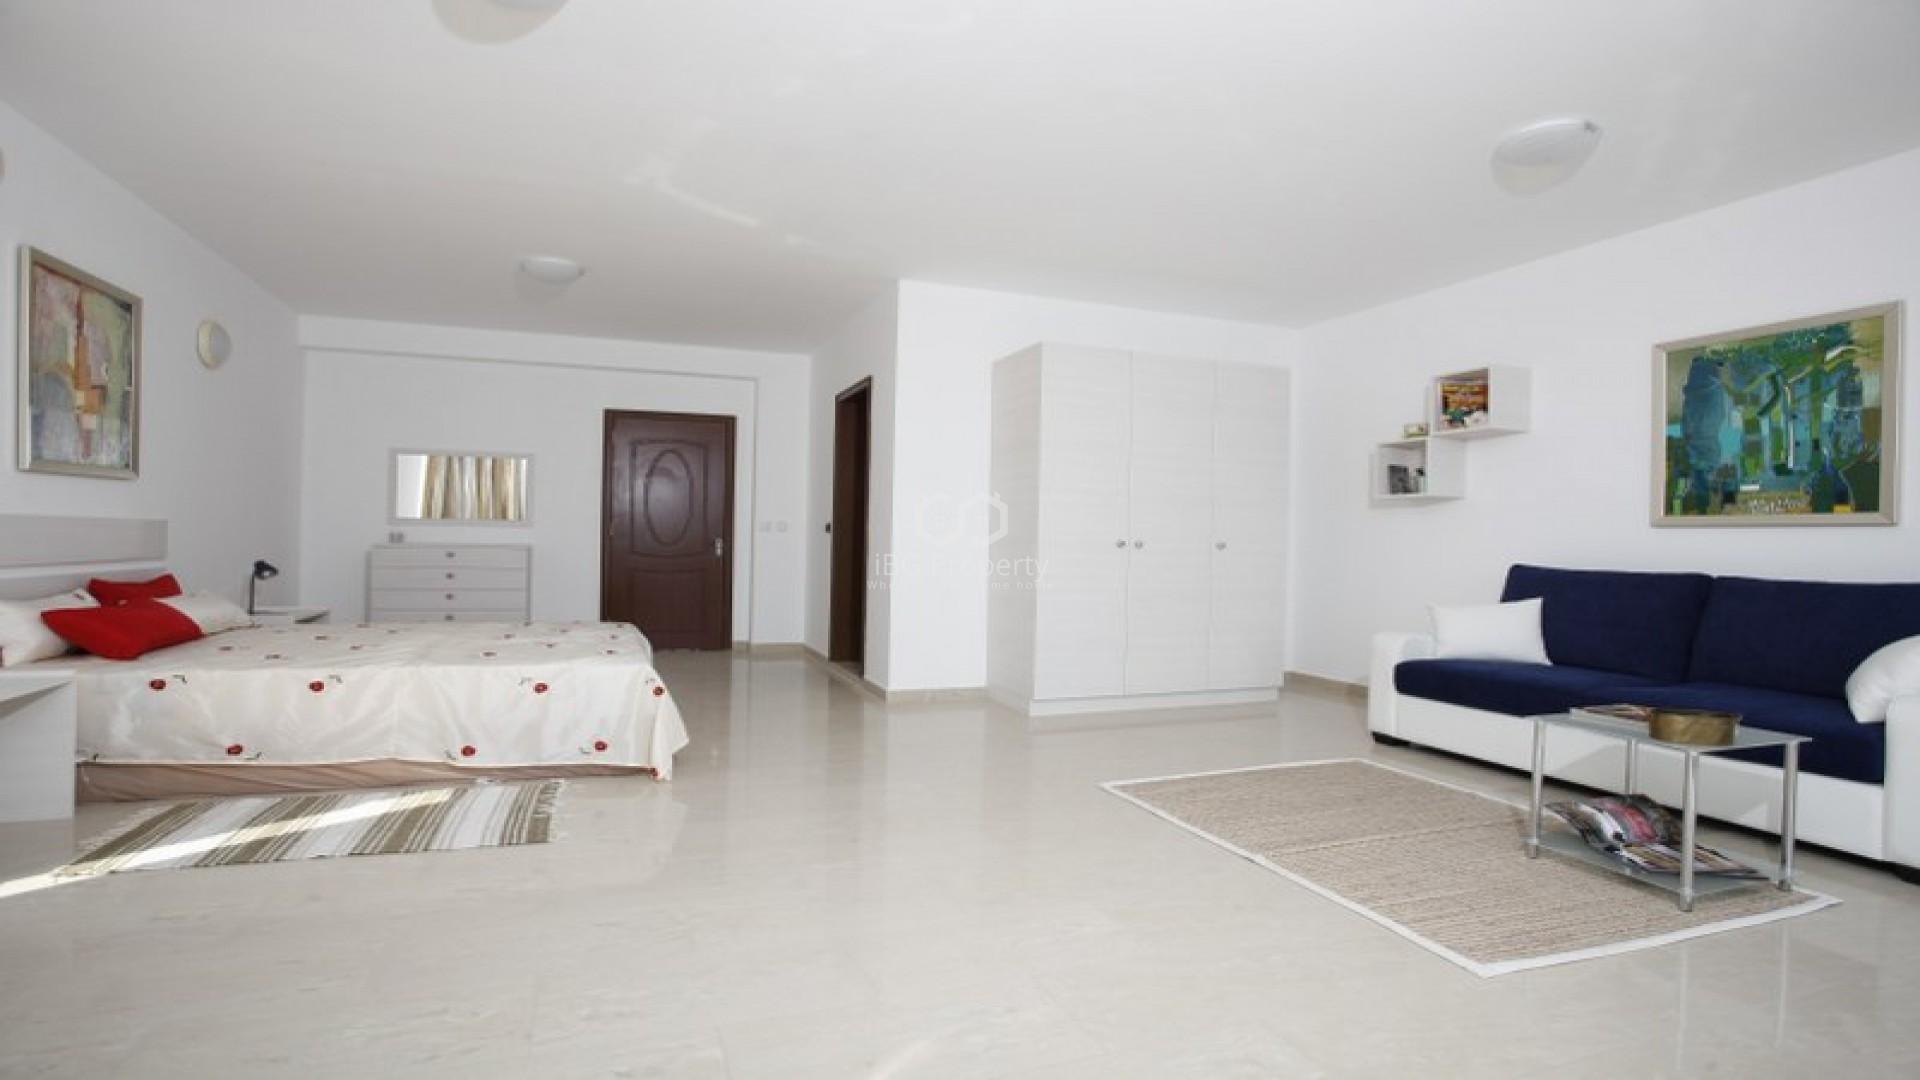 ЕКСКЛУЗИВНО ПРЕДЛОЖЕНИЕ! Двустаен апартамент Бяла  77 m2